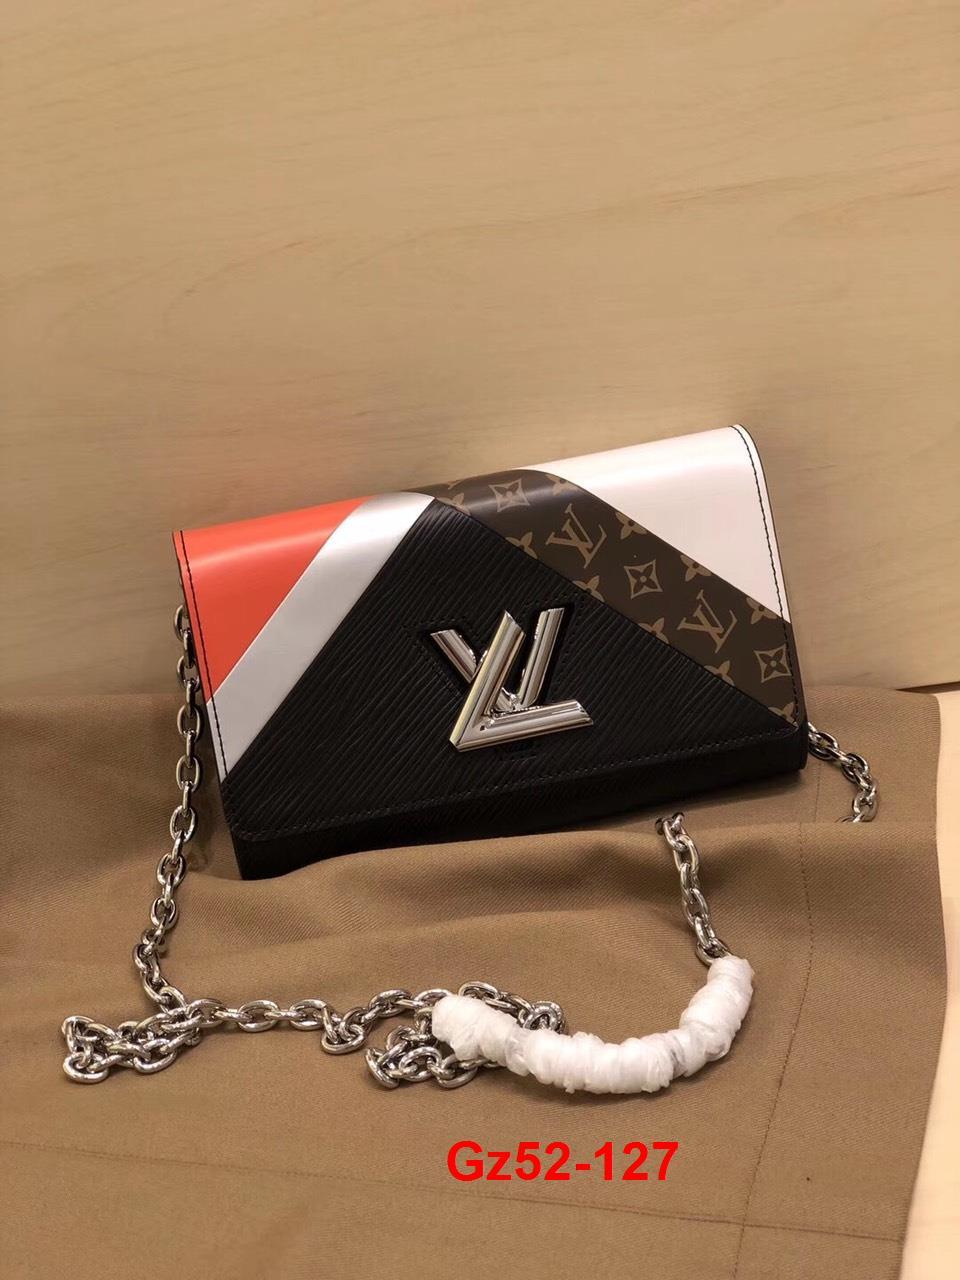 Gz52-127 Louis Vuitton túi size 19cm siêu cấp